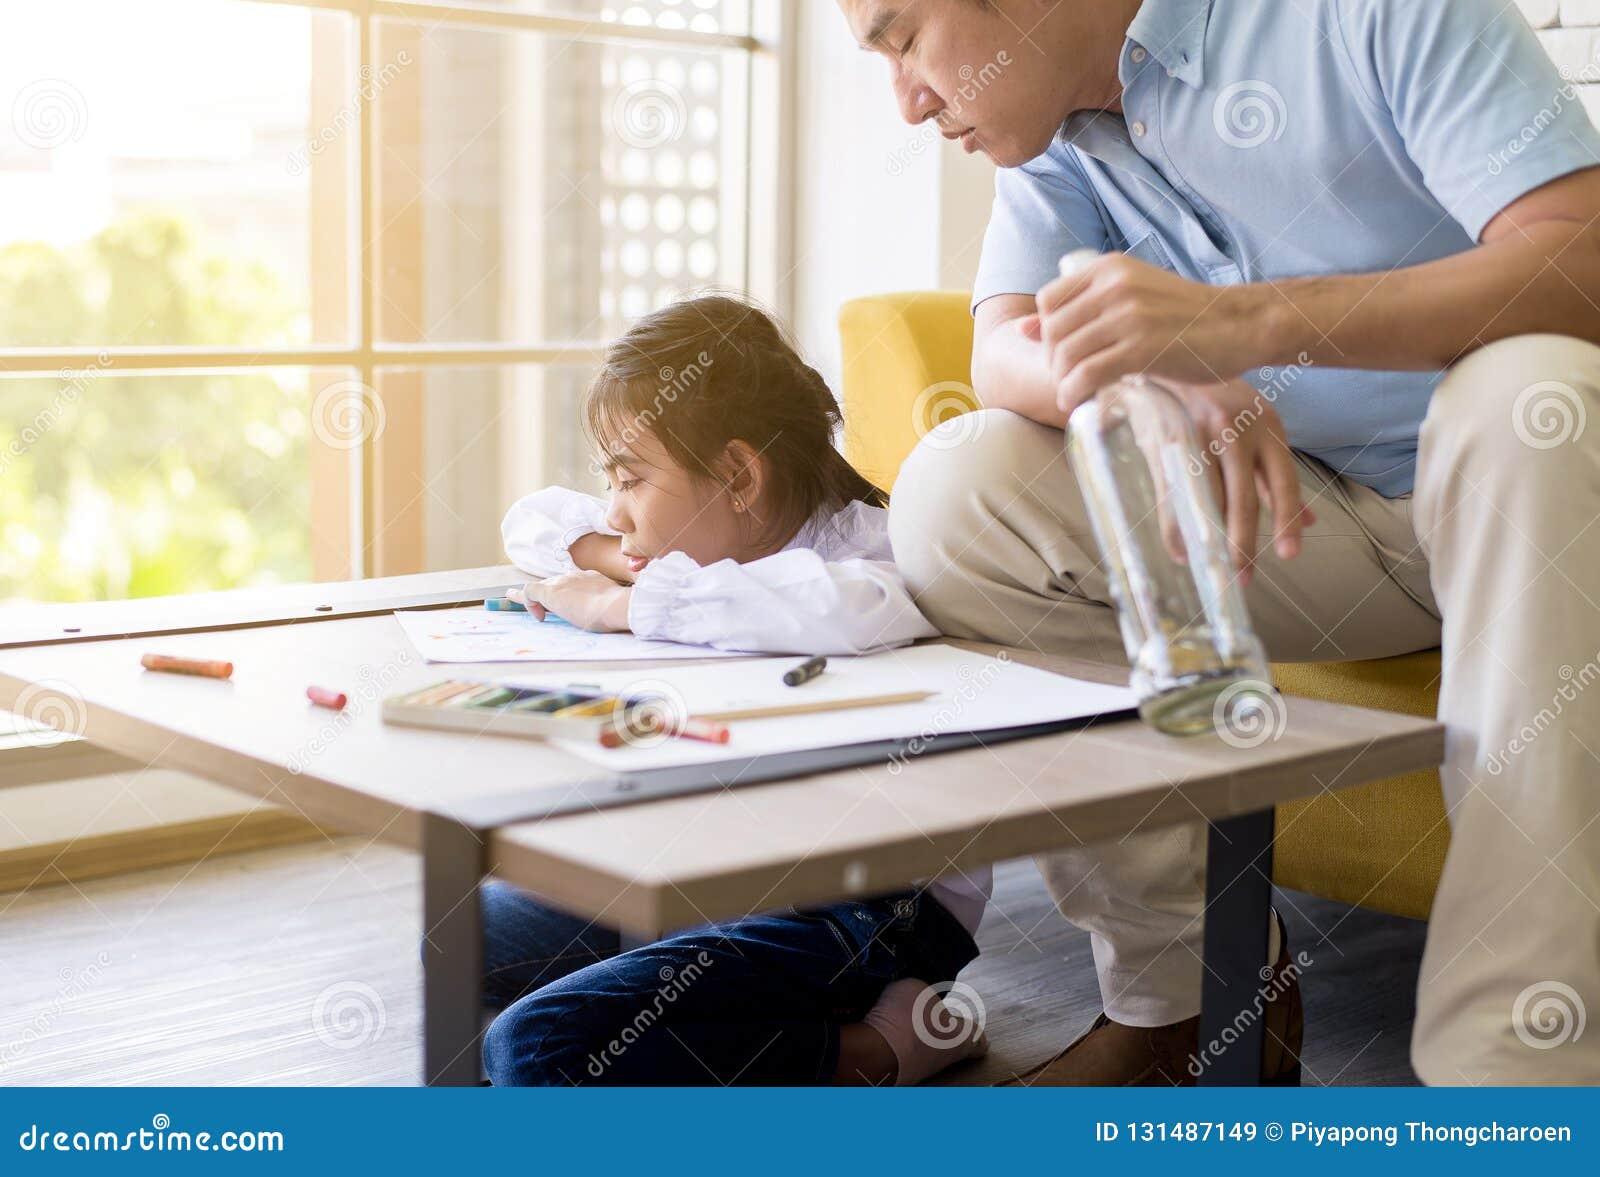 Ο μεθυσμένος πατέρας διδάσκει το παιδί σας για να κάνει την εργασία και την κόρη που φωνάζουν, κοινωνικά οικογενειακά ζητήματα